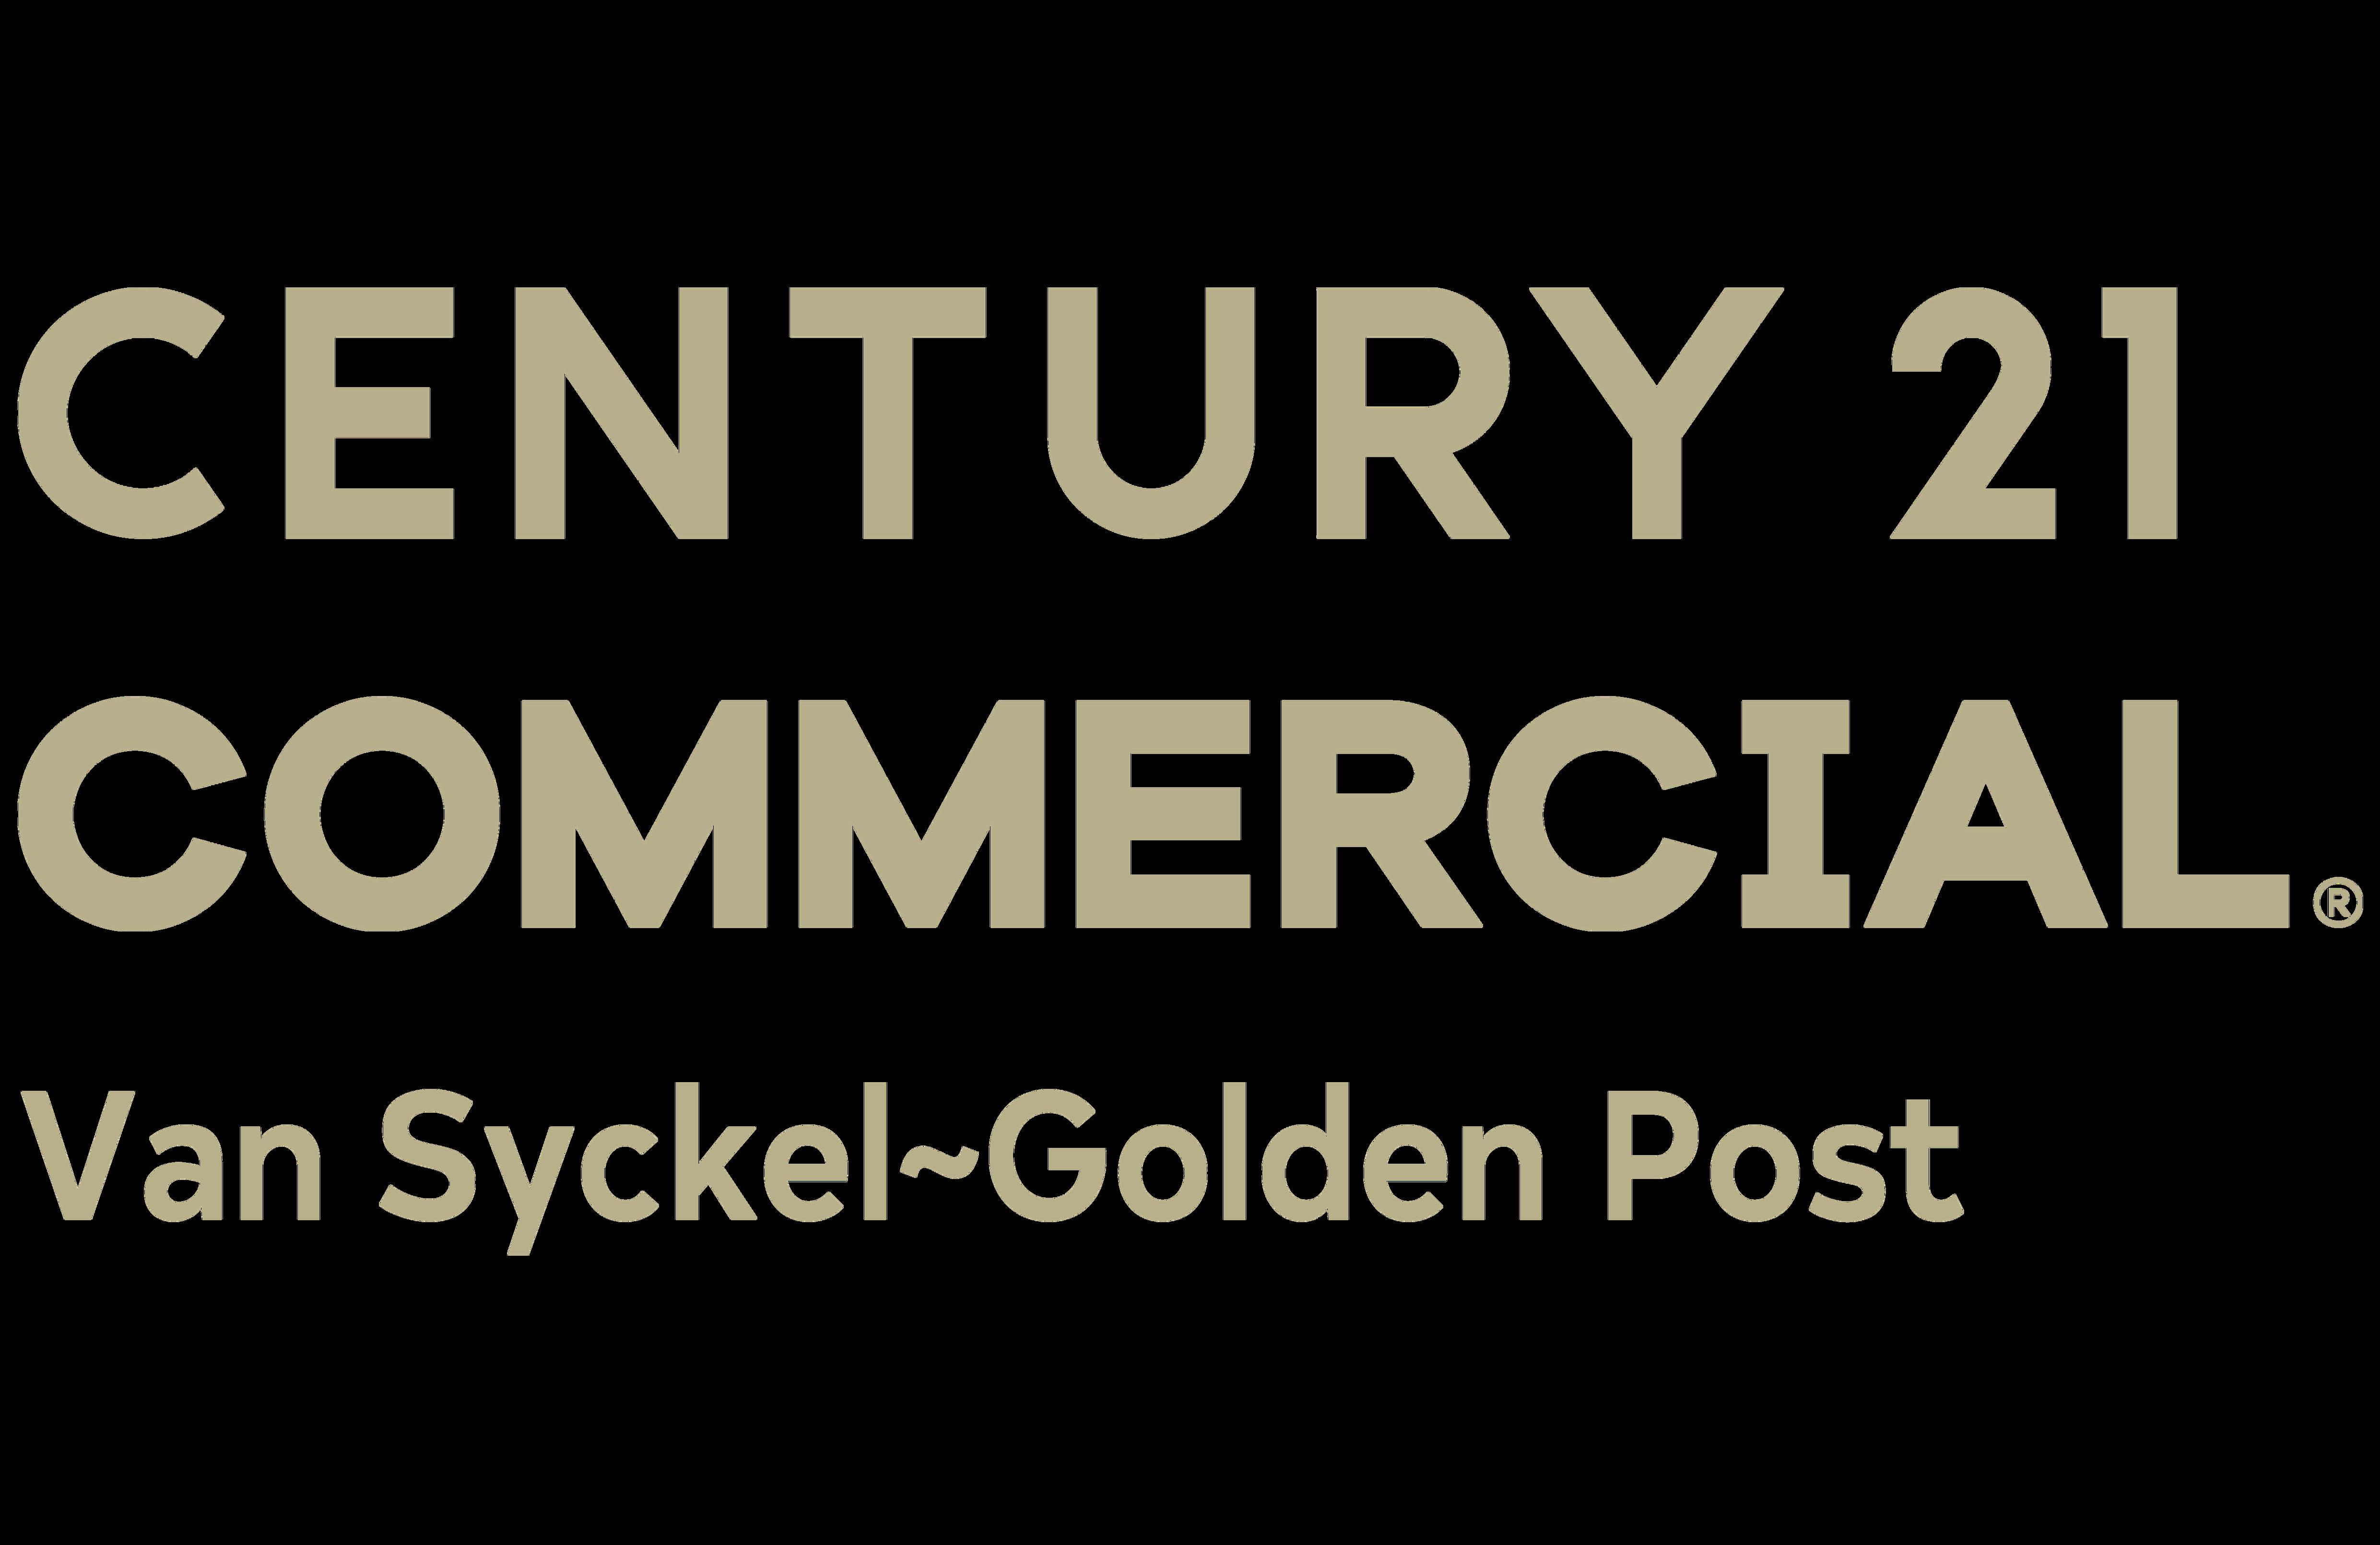 CENTURY 21 Van Syckel~Golden Post